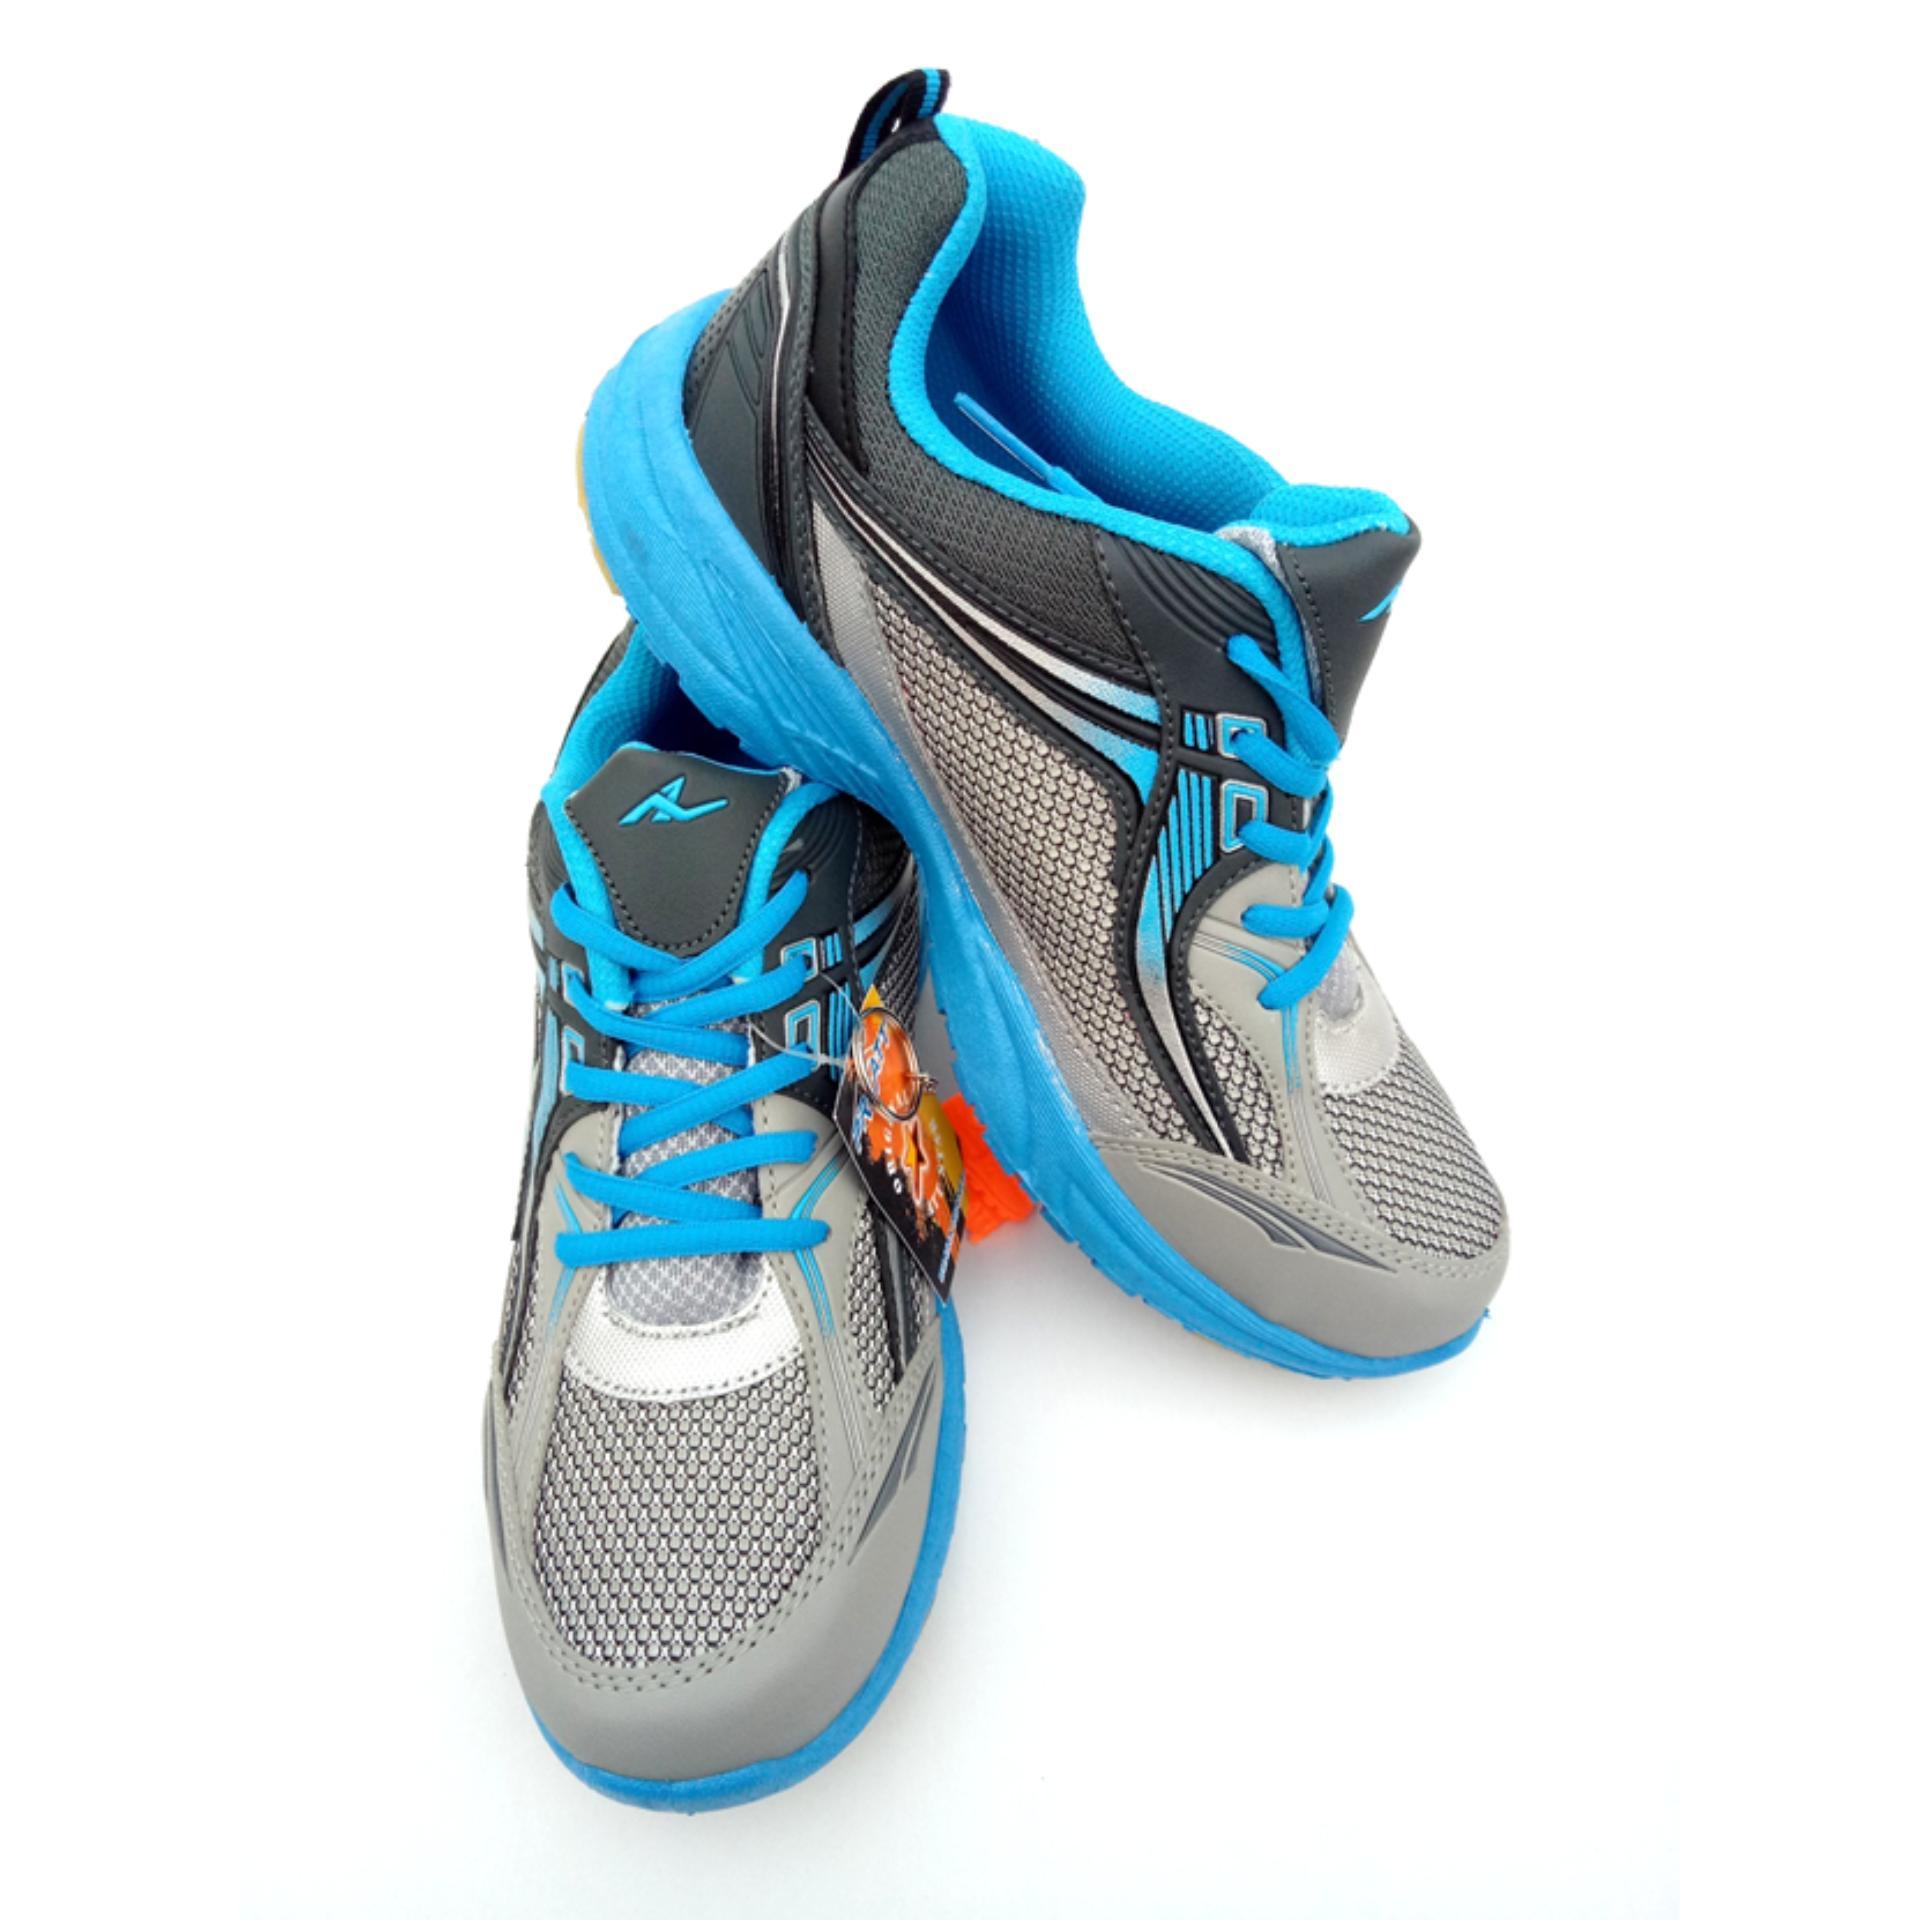 PRO ATT Original - MC 50 - Biru AbuAbu - Sepatu Olahraga Pria - Sepatu Lari 05c5379a1c